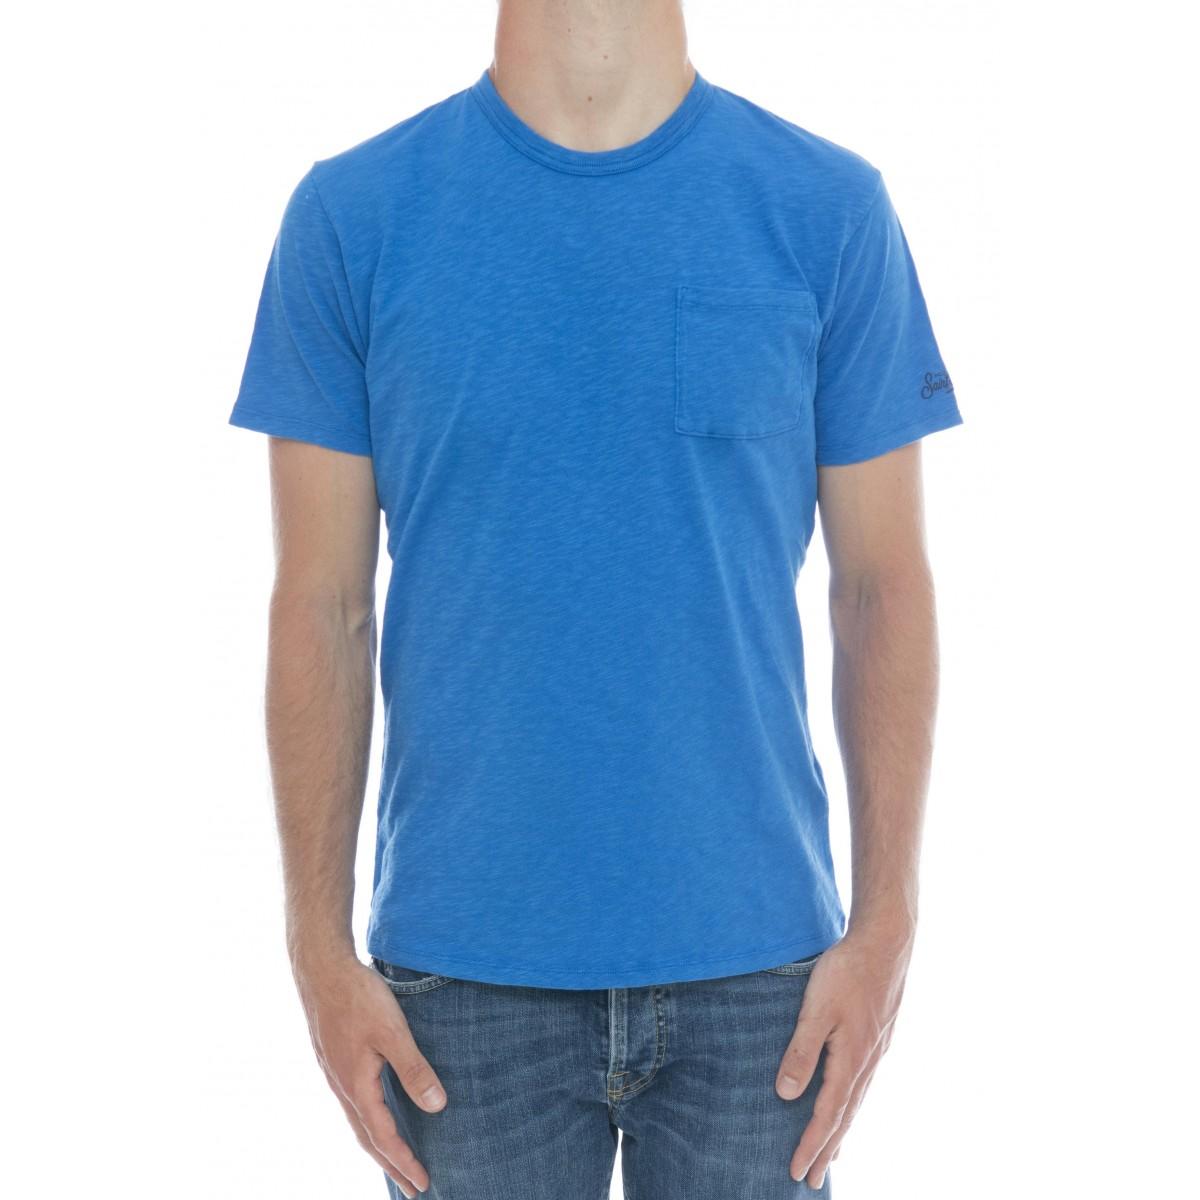 T-shirt - Ppesident